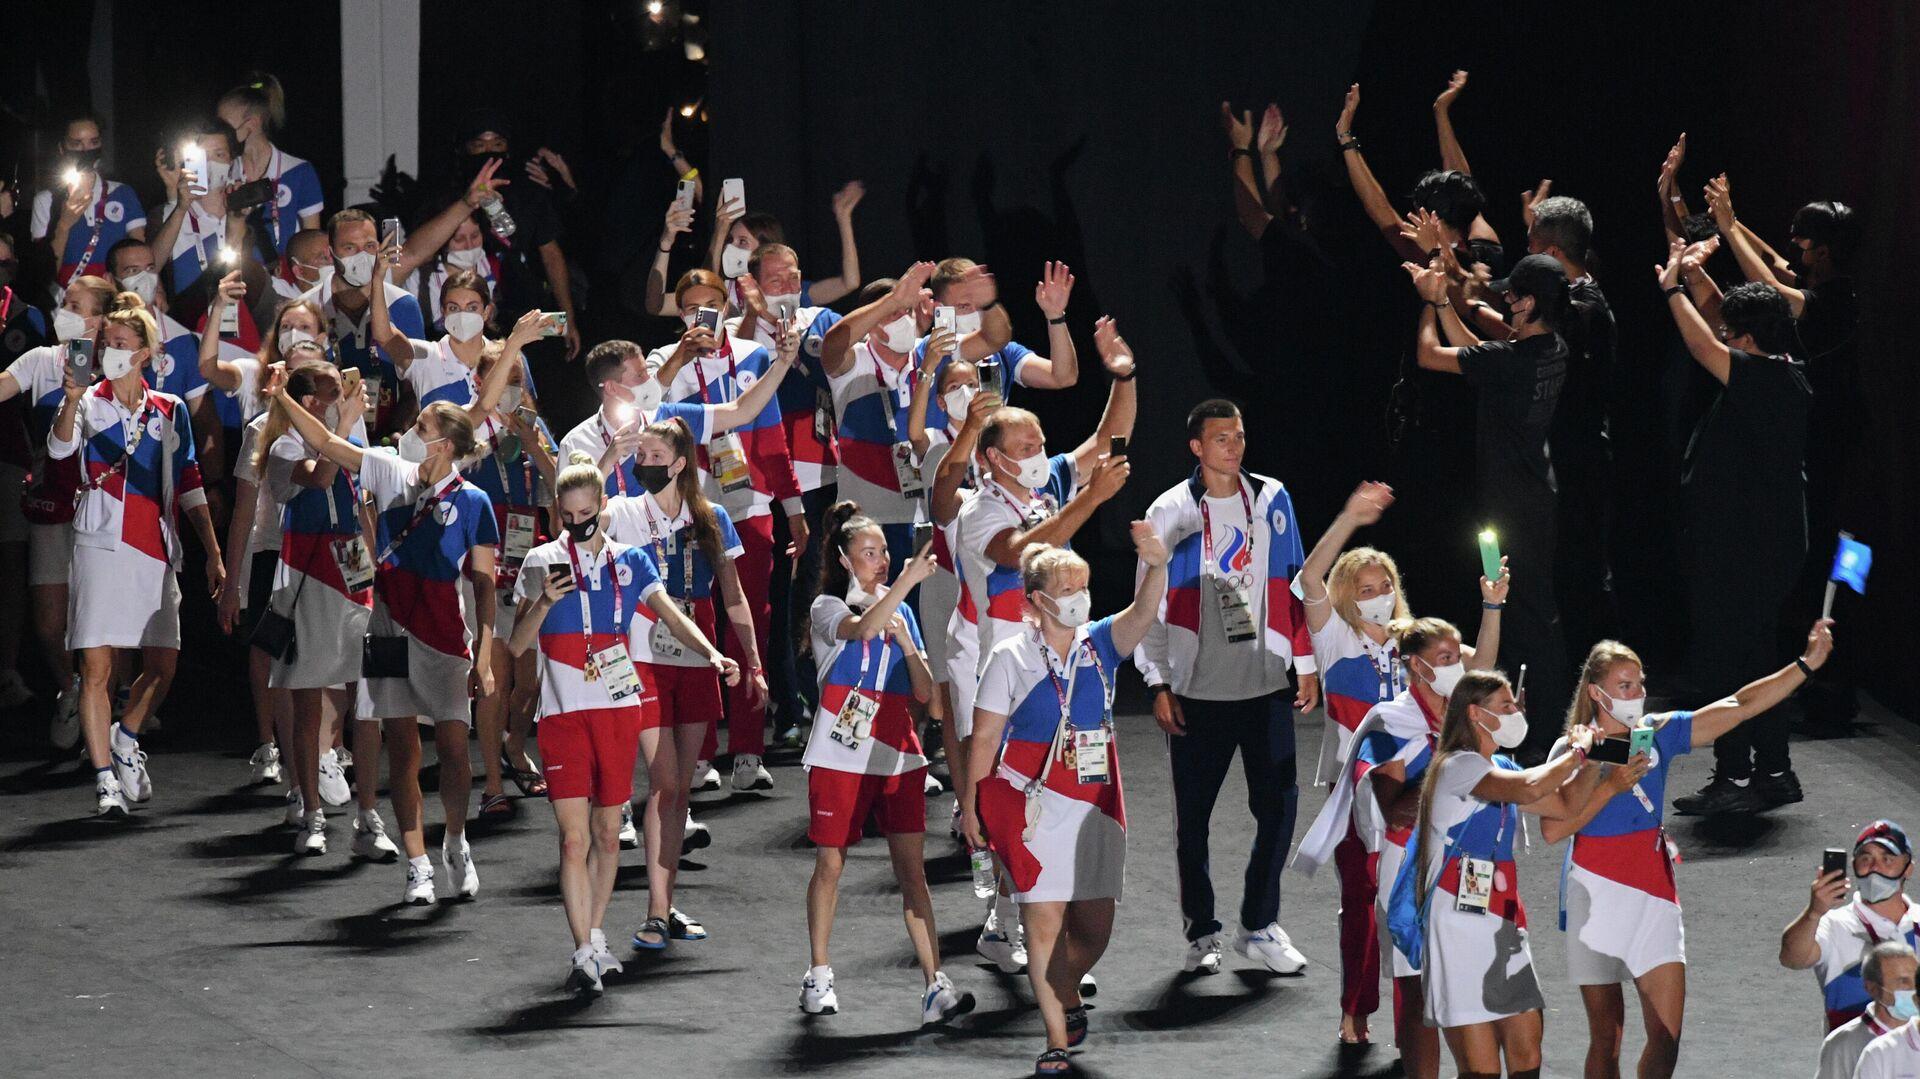 Российские спортсмены, члены сборной России (команда ОКР) во время парада атлетов на торжественной церемонии закрытия XXXII летних Олимпийских игр в Токио на Национальном олимпийском стадионе - РИА Новости, 1920, 27.08.2021